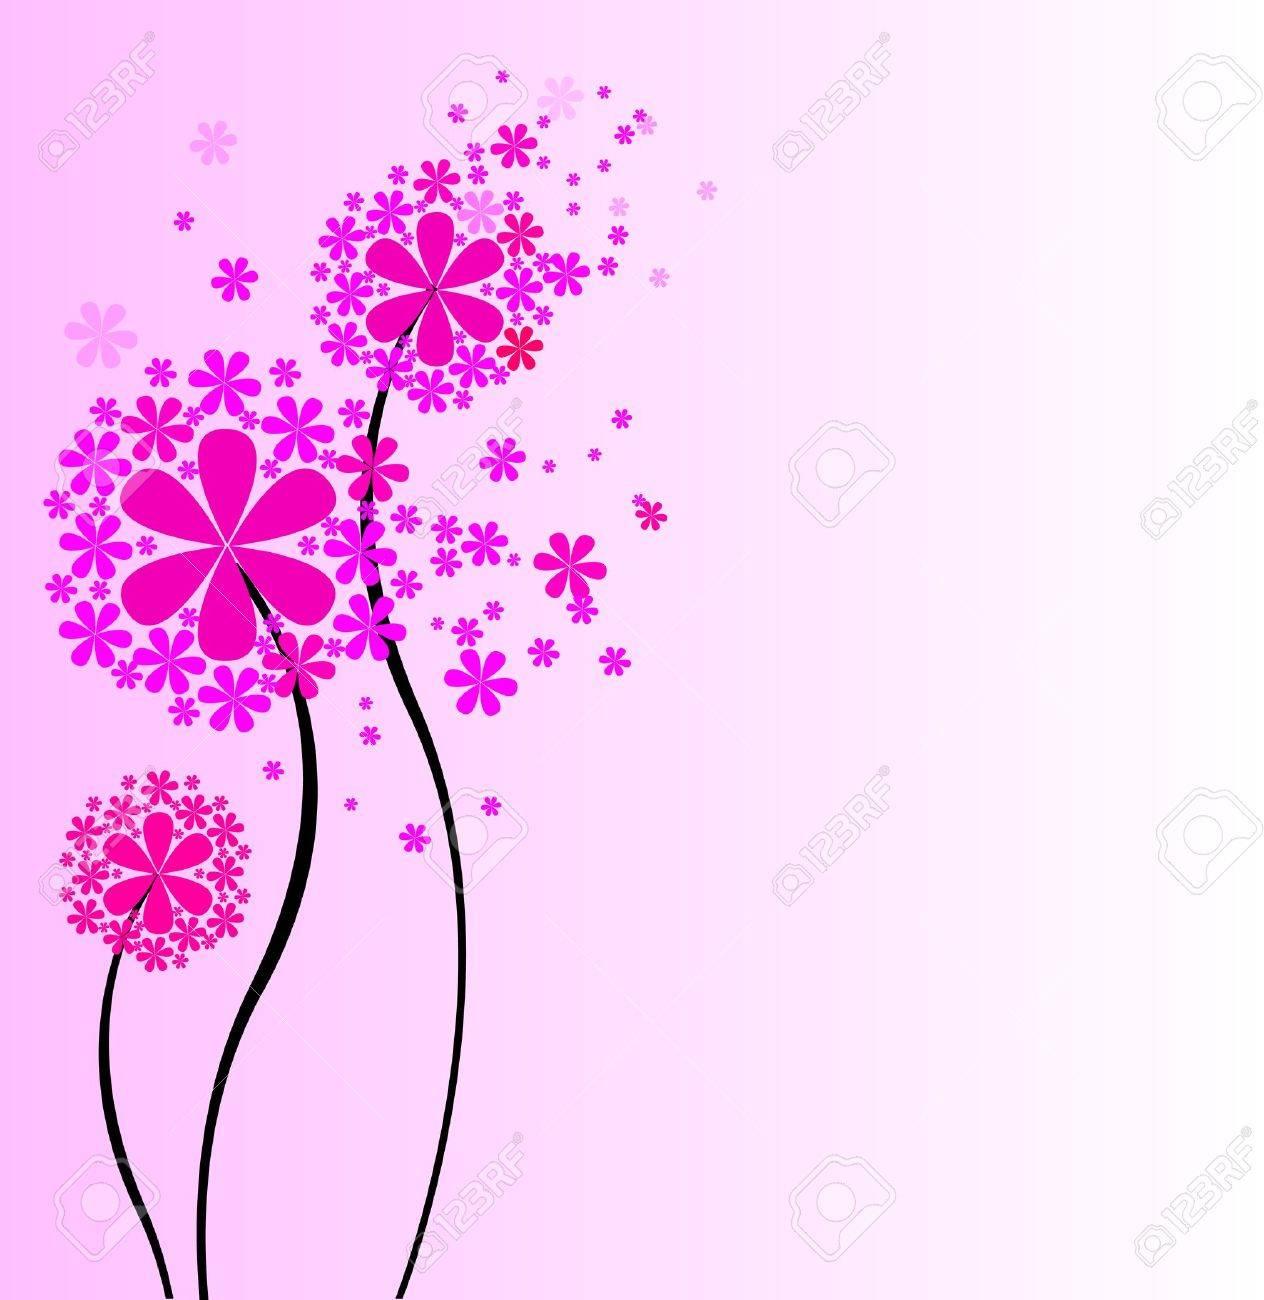 花のイラストかわいいブーケのイラスト素材ベクタ Image 14728647